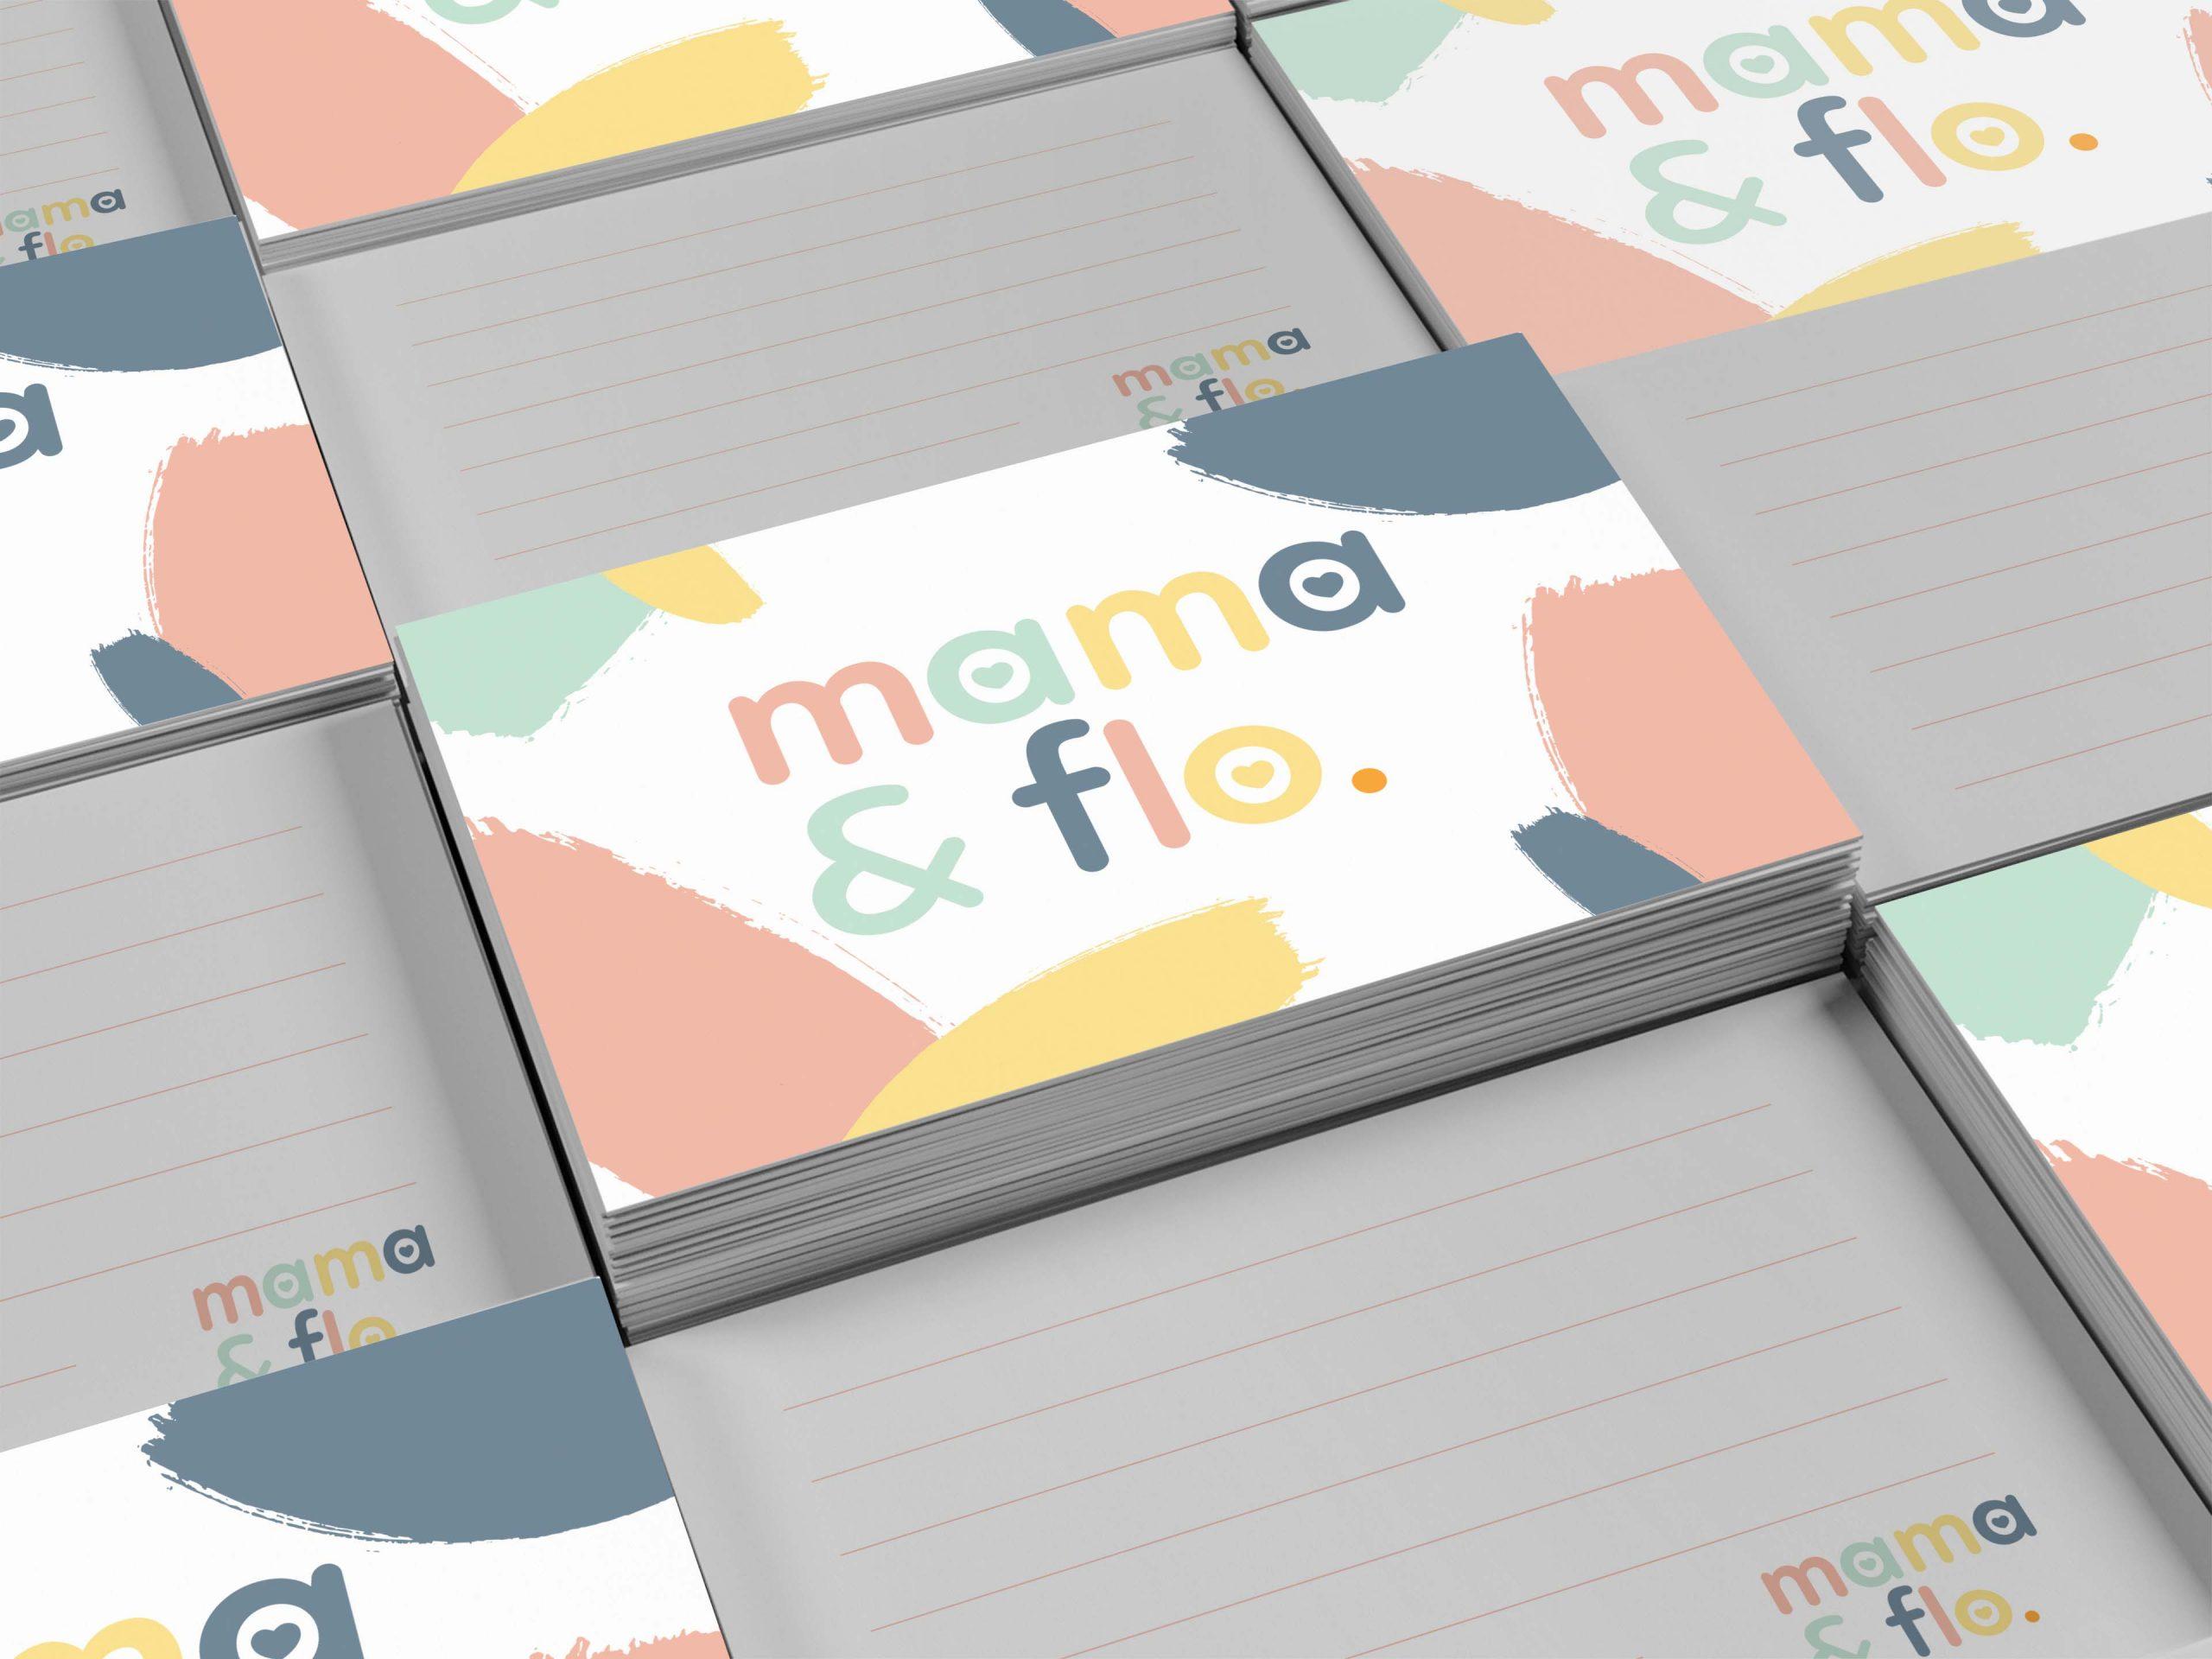 Mama and Flo logo design